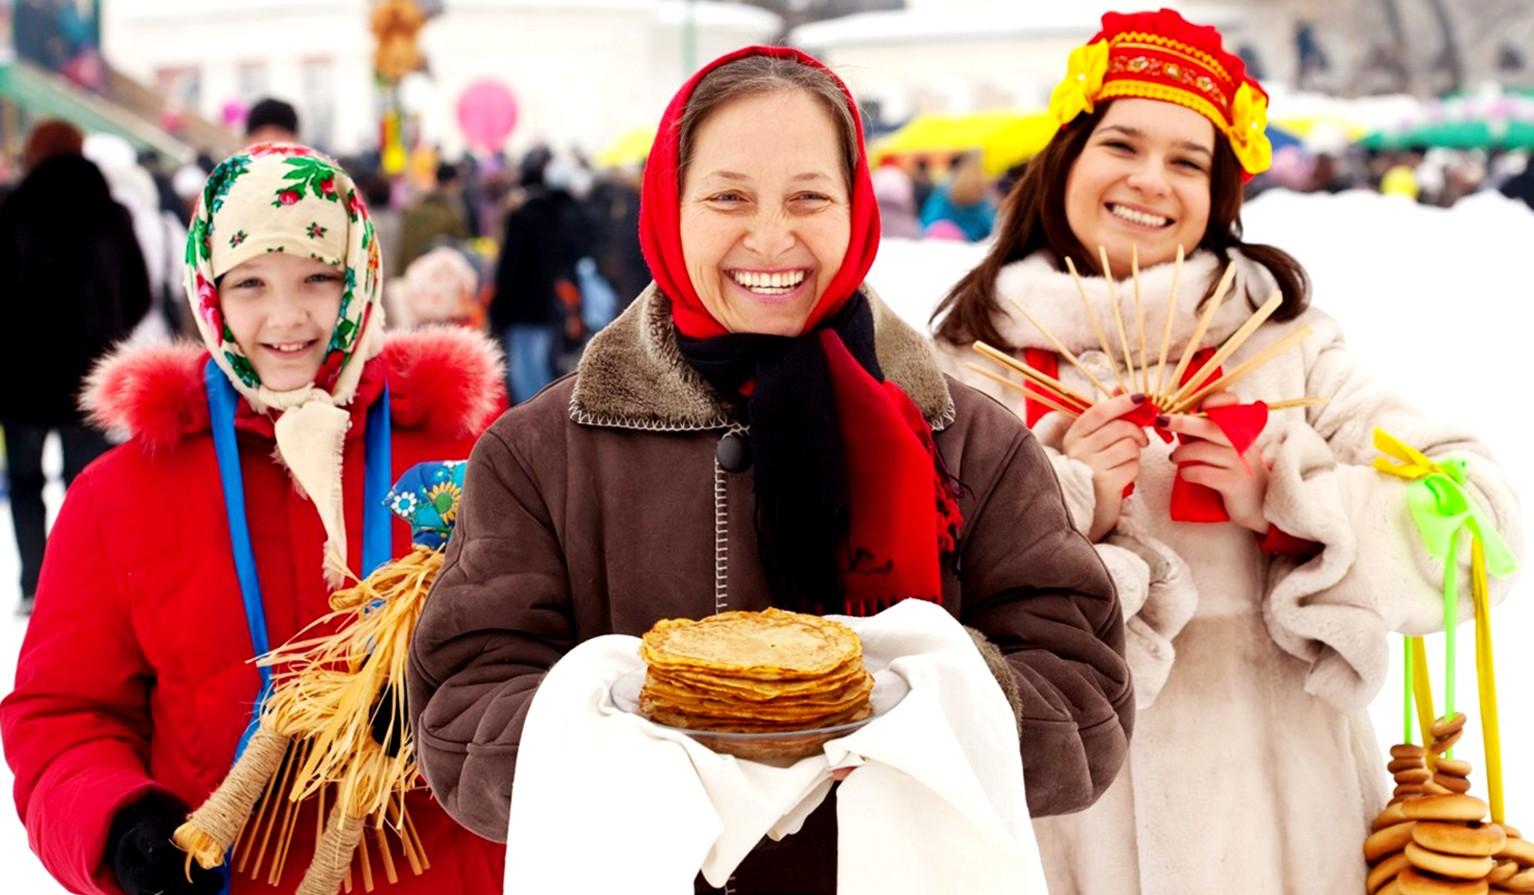 Масленица - история праздника, значение, как и когда появился, традиции, фото и видео